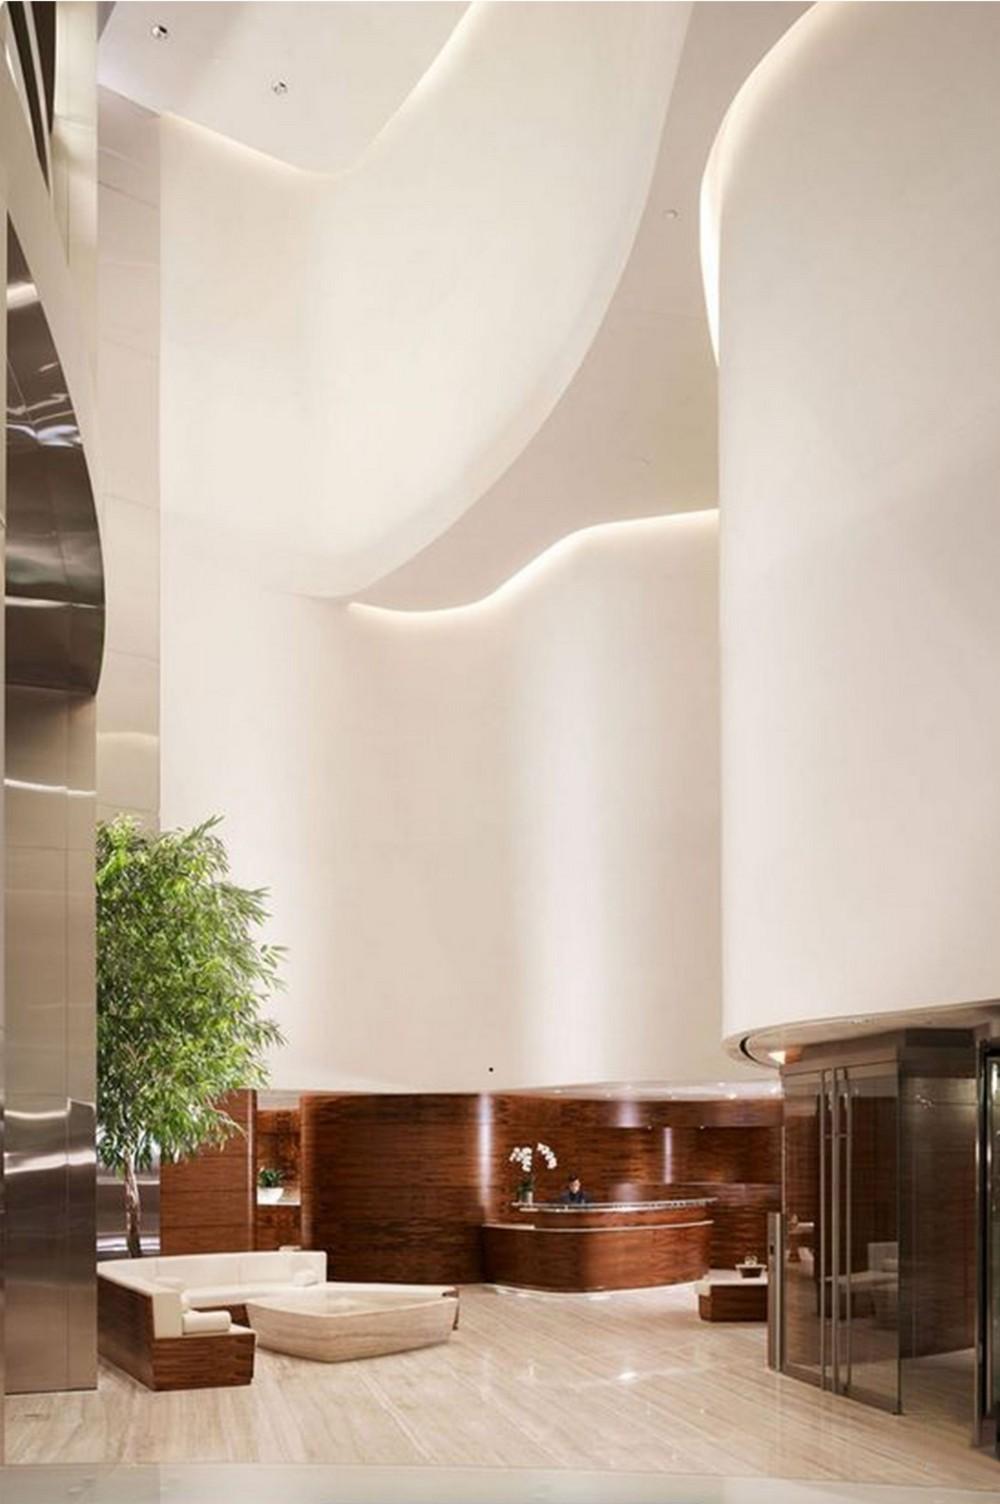 Top 25 Interior Designers From Hong Kong hong kong Top 25 Interior Designers From Hong Kong som 1